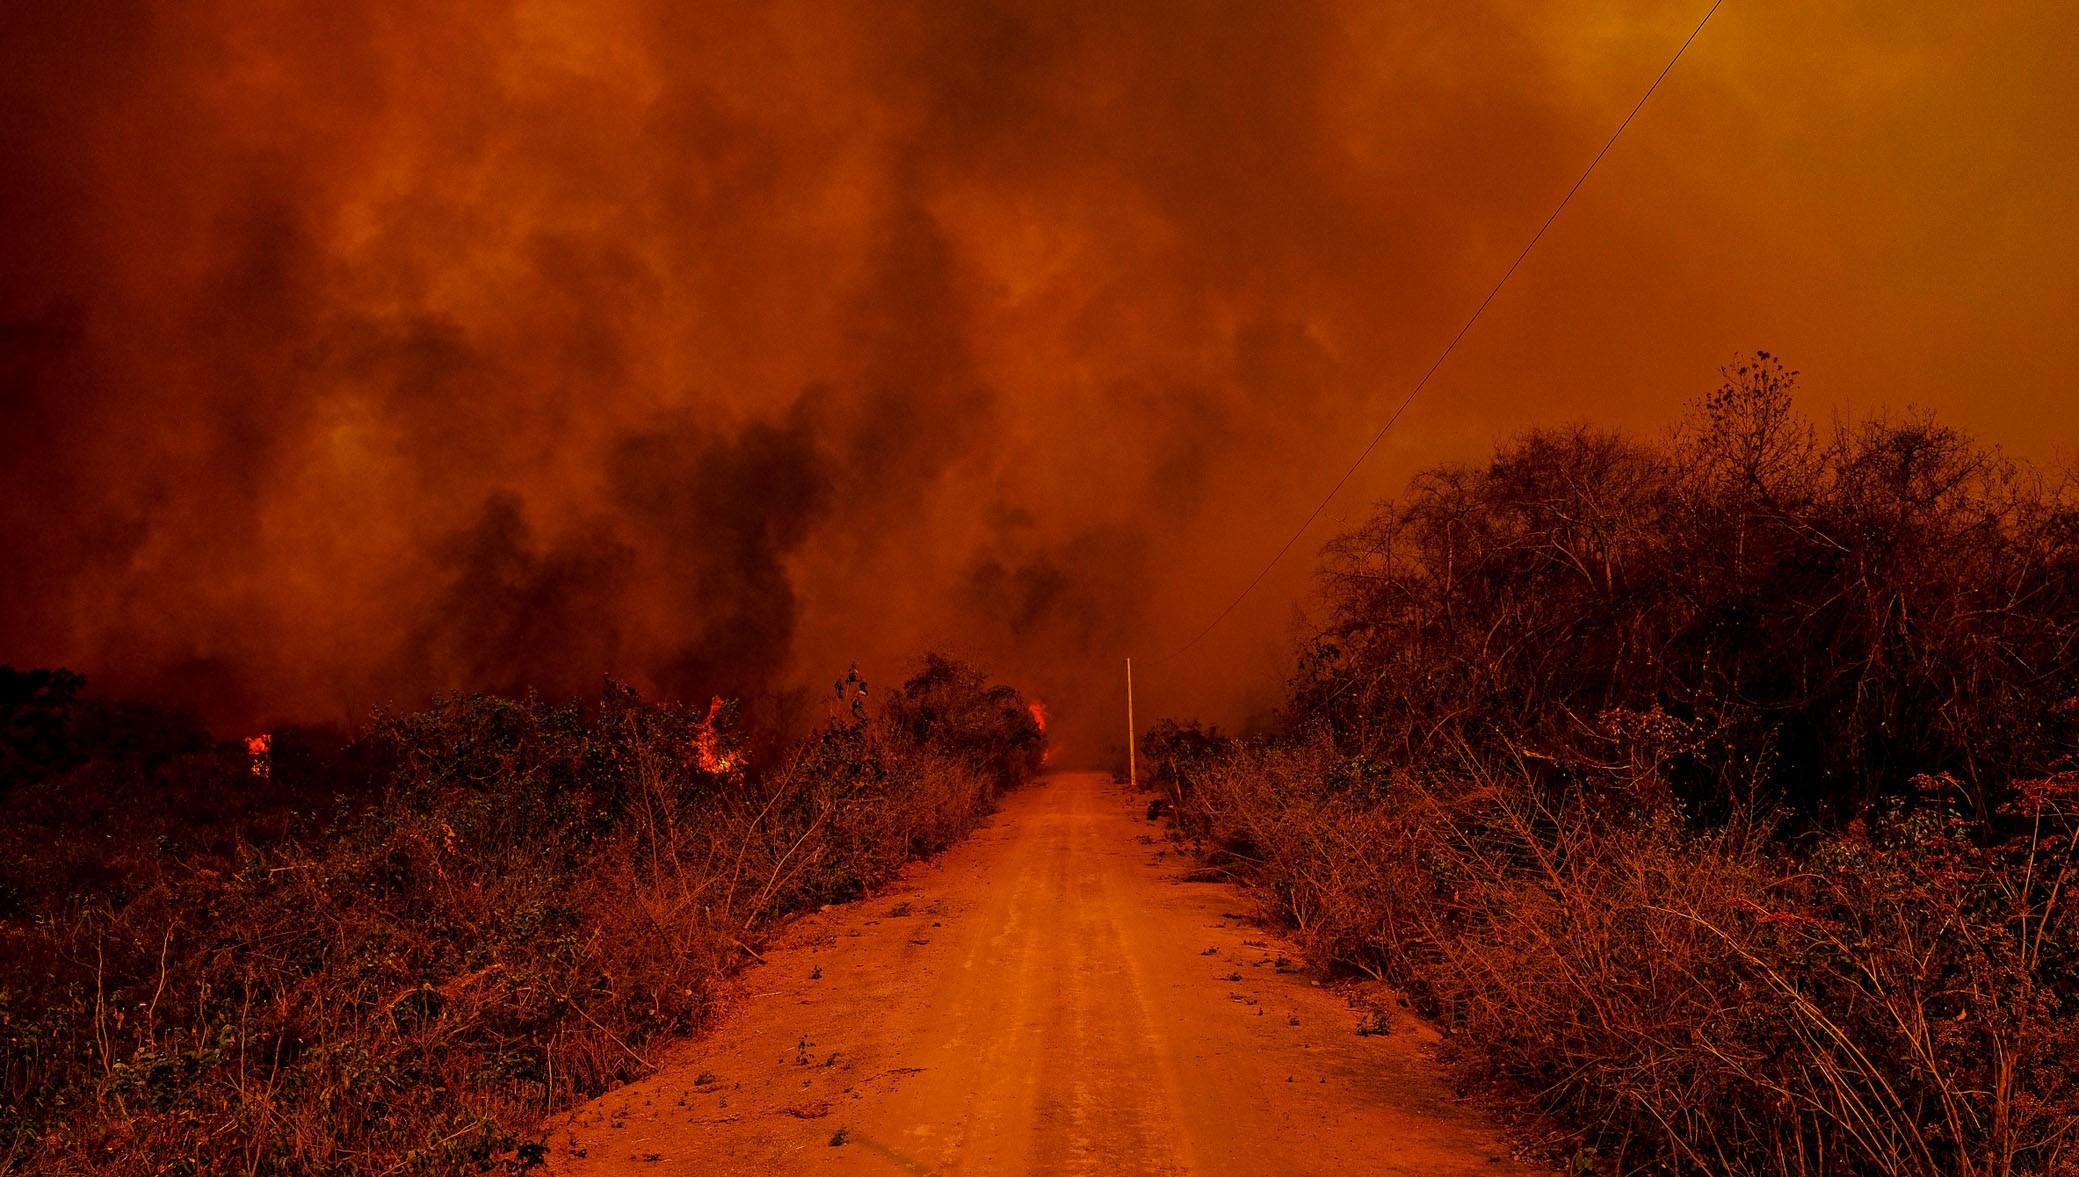 Cinco perícias realizadas pelo Centro Integrado Multiagências de Coordenação Operacional (Ciman-MT) apontaram ação humana como causa da origem das queimadas na região do Pantanal (Foto: Mayke Toscano/Secom-MT - Fotos Públicas)